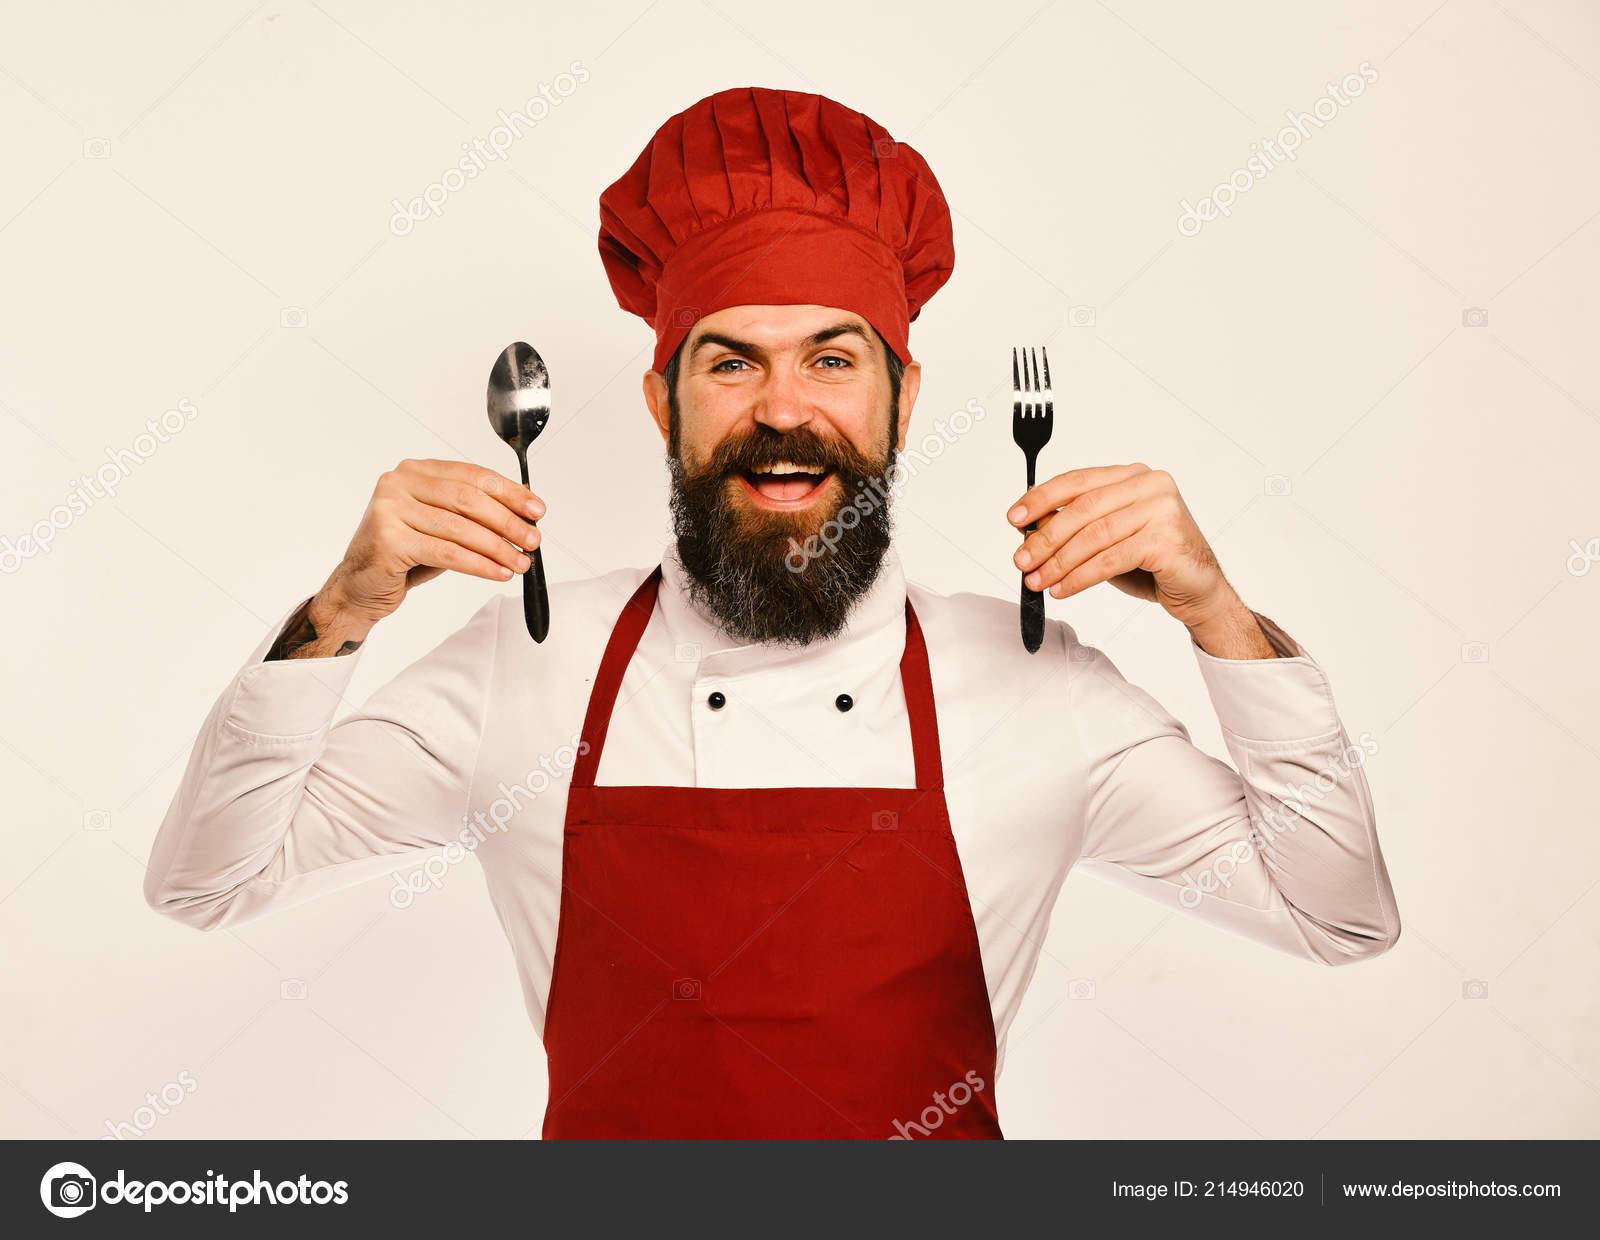 Hombre con barba es tenedor y cuchara sobre fondo blanco. Cocinero con cara  alegre en Borgoña uniforme muestra cubiertos. Chef presenta utensilios de  cocina ... c85a09f970a